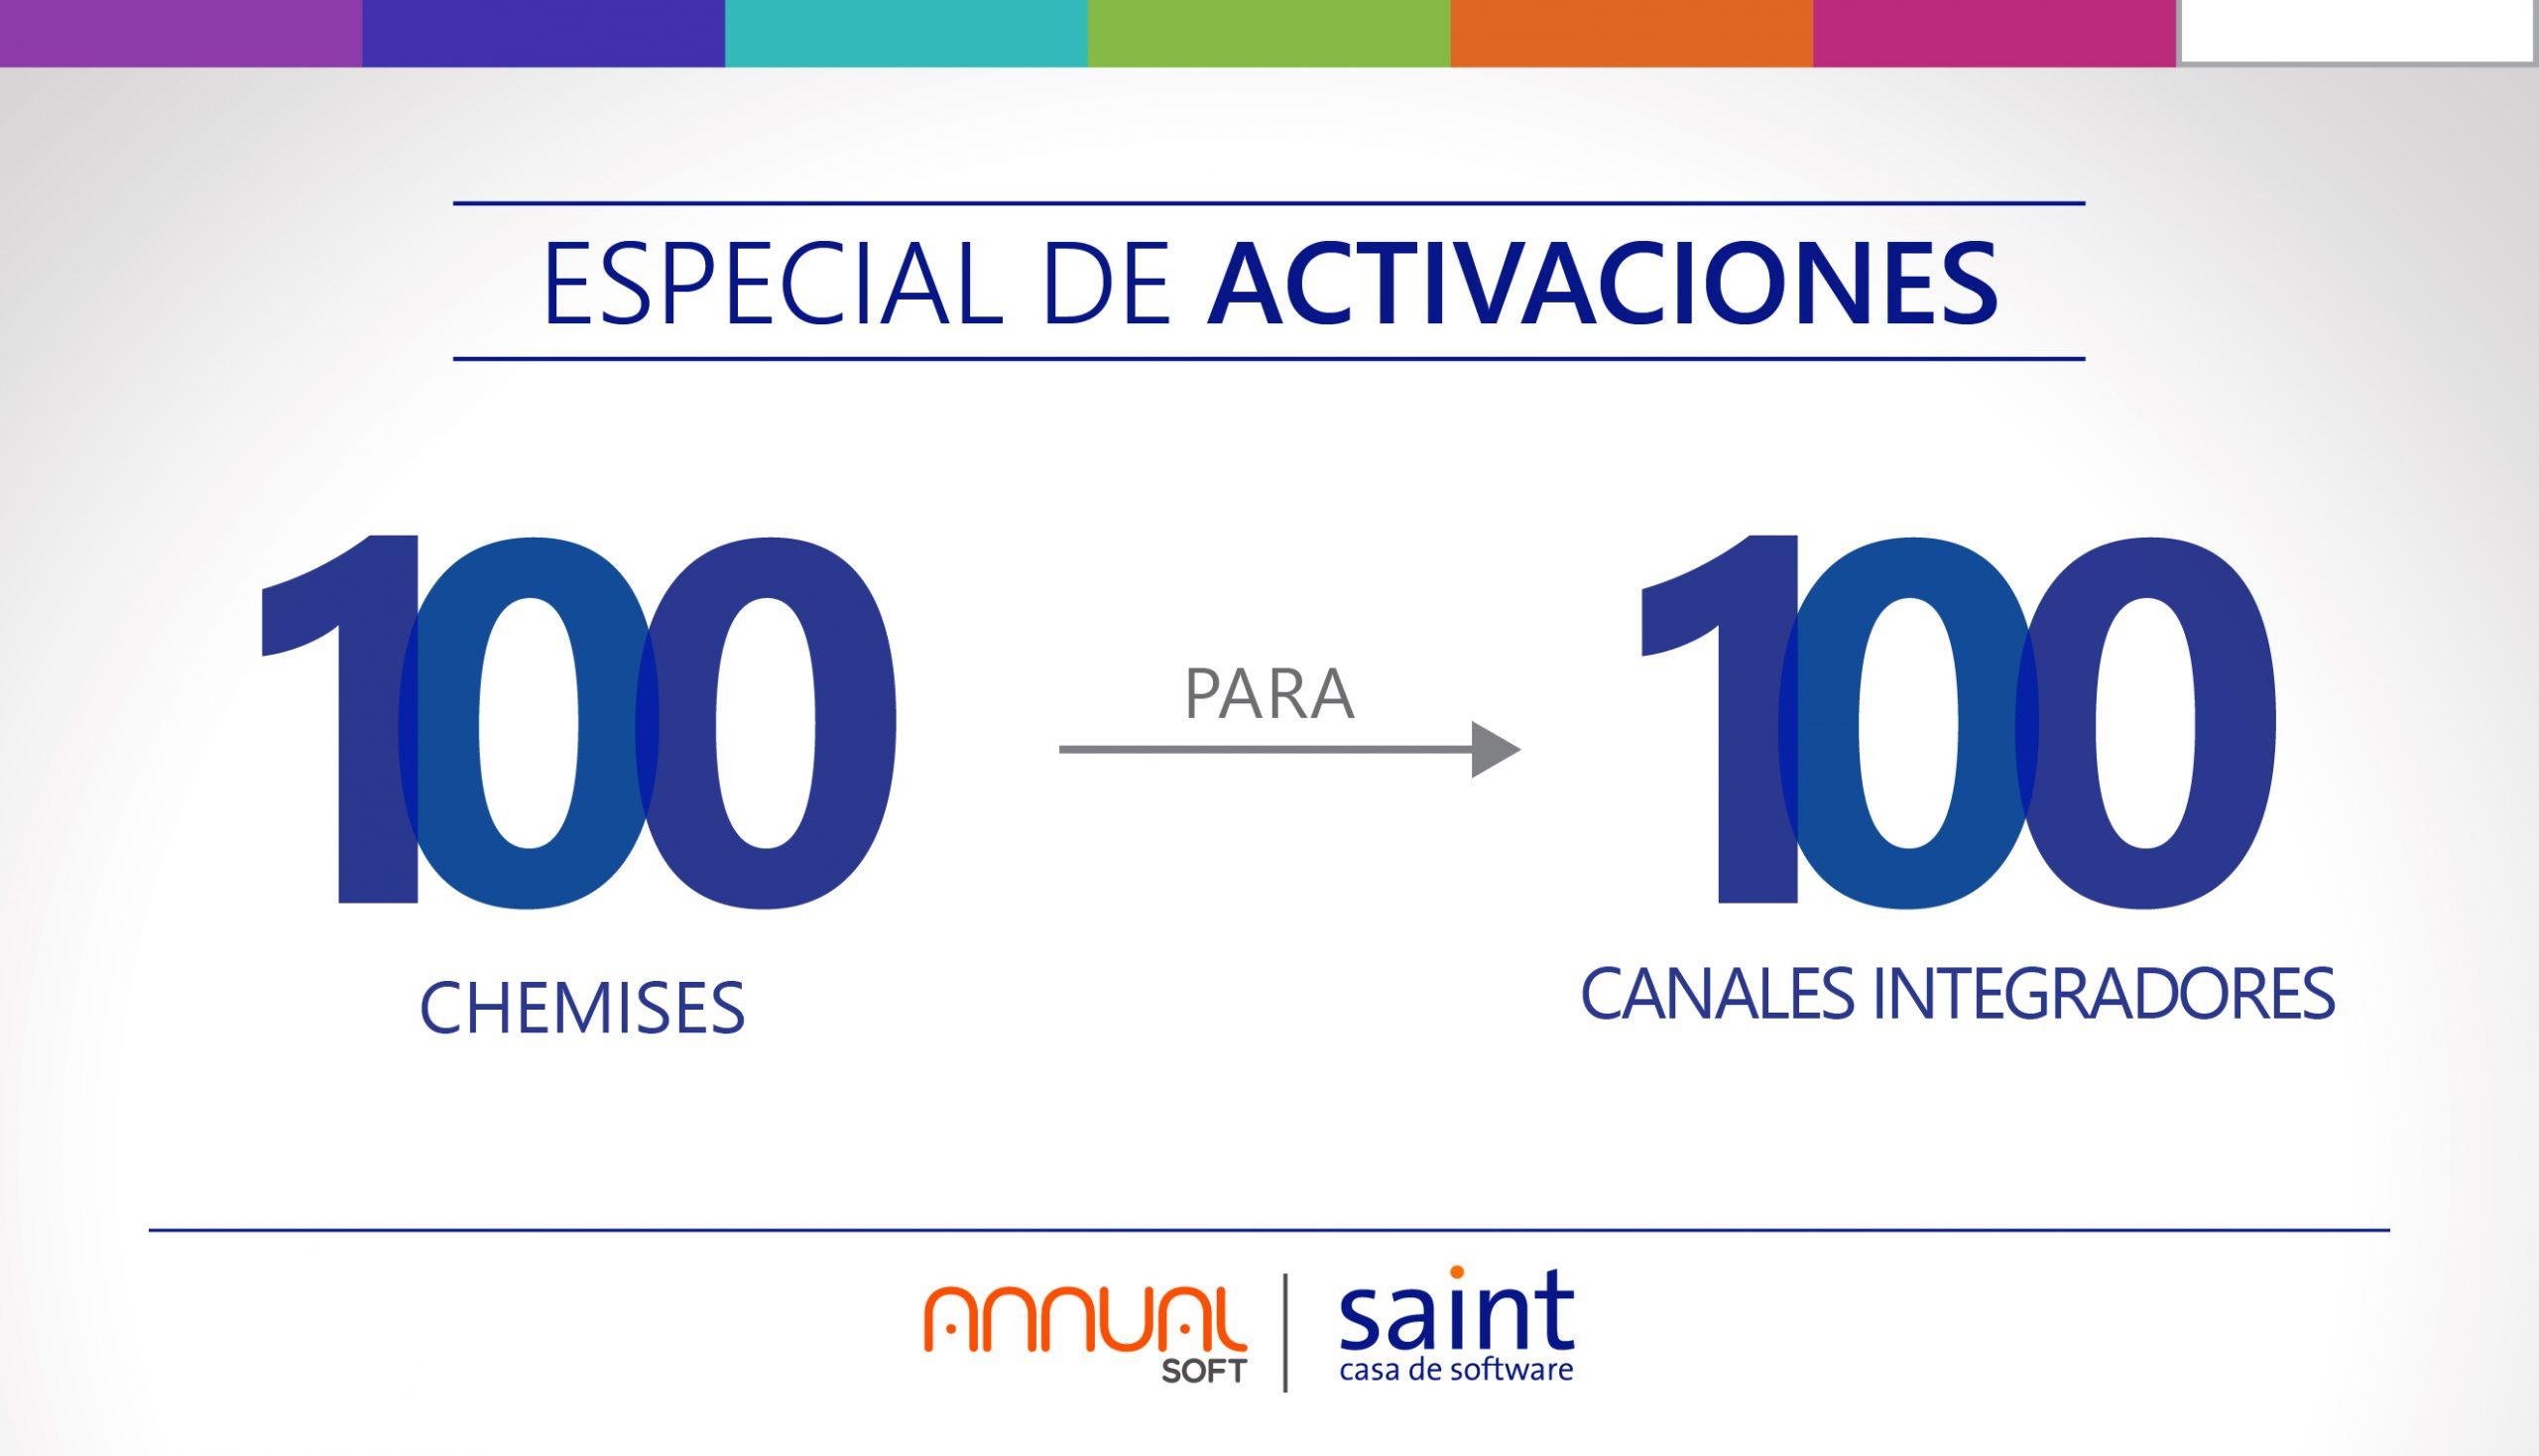 Especial de ACTIVACIÓN «100 Chemises para 100 canales integradores».